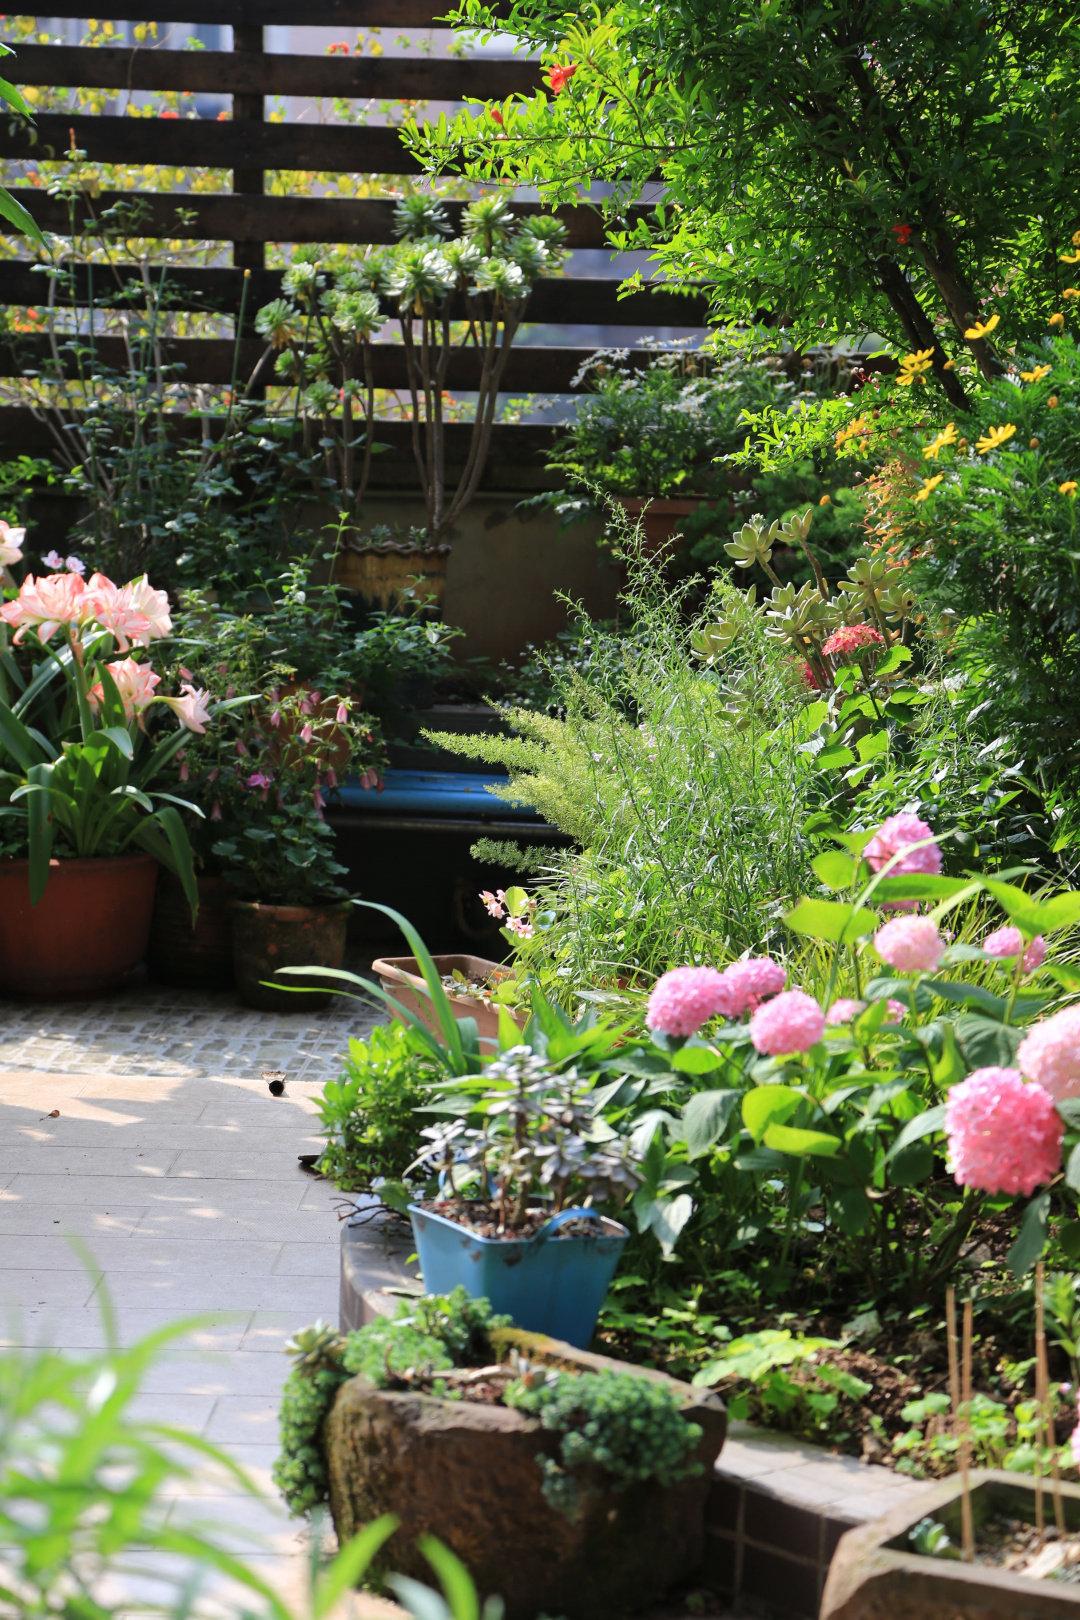 Khu vườn quanh năm chỉ có mùa xuân với hoa nở tưng bừng của cô giáo dạy Toán-11